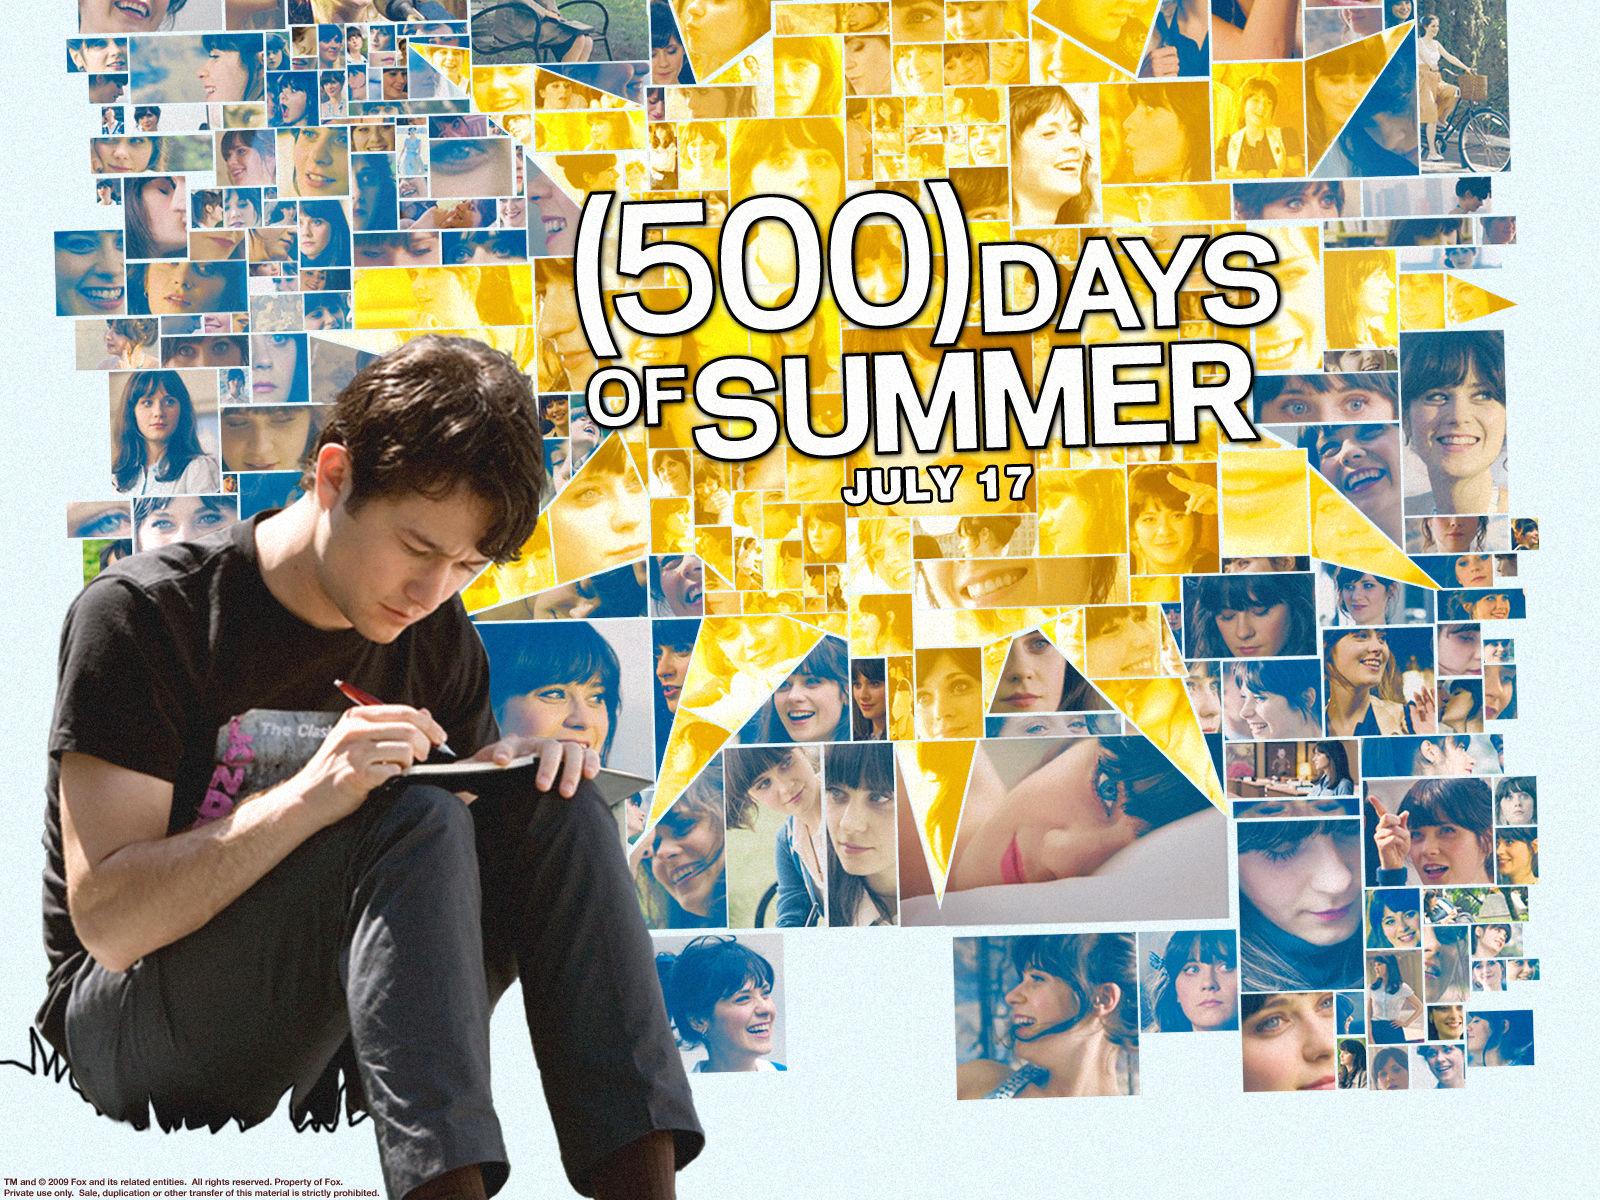 http://1.bp.blogspot.com/_P8RmbXaEGoQ/S9CfISSxubI/AAAAAAAAA1A/Zvp-Pv4Xn64/s1600/500_days_of_summer02.jpg